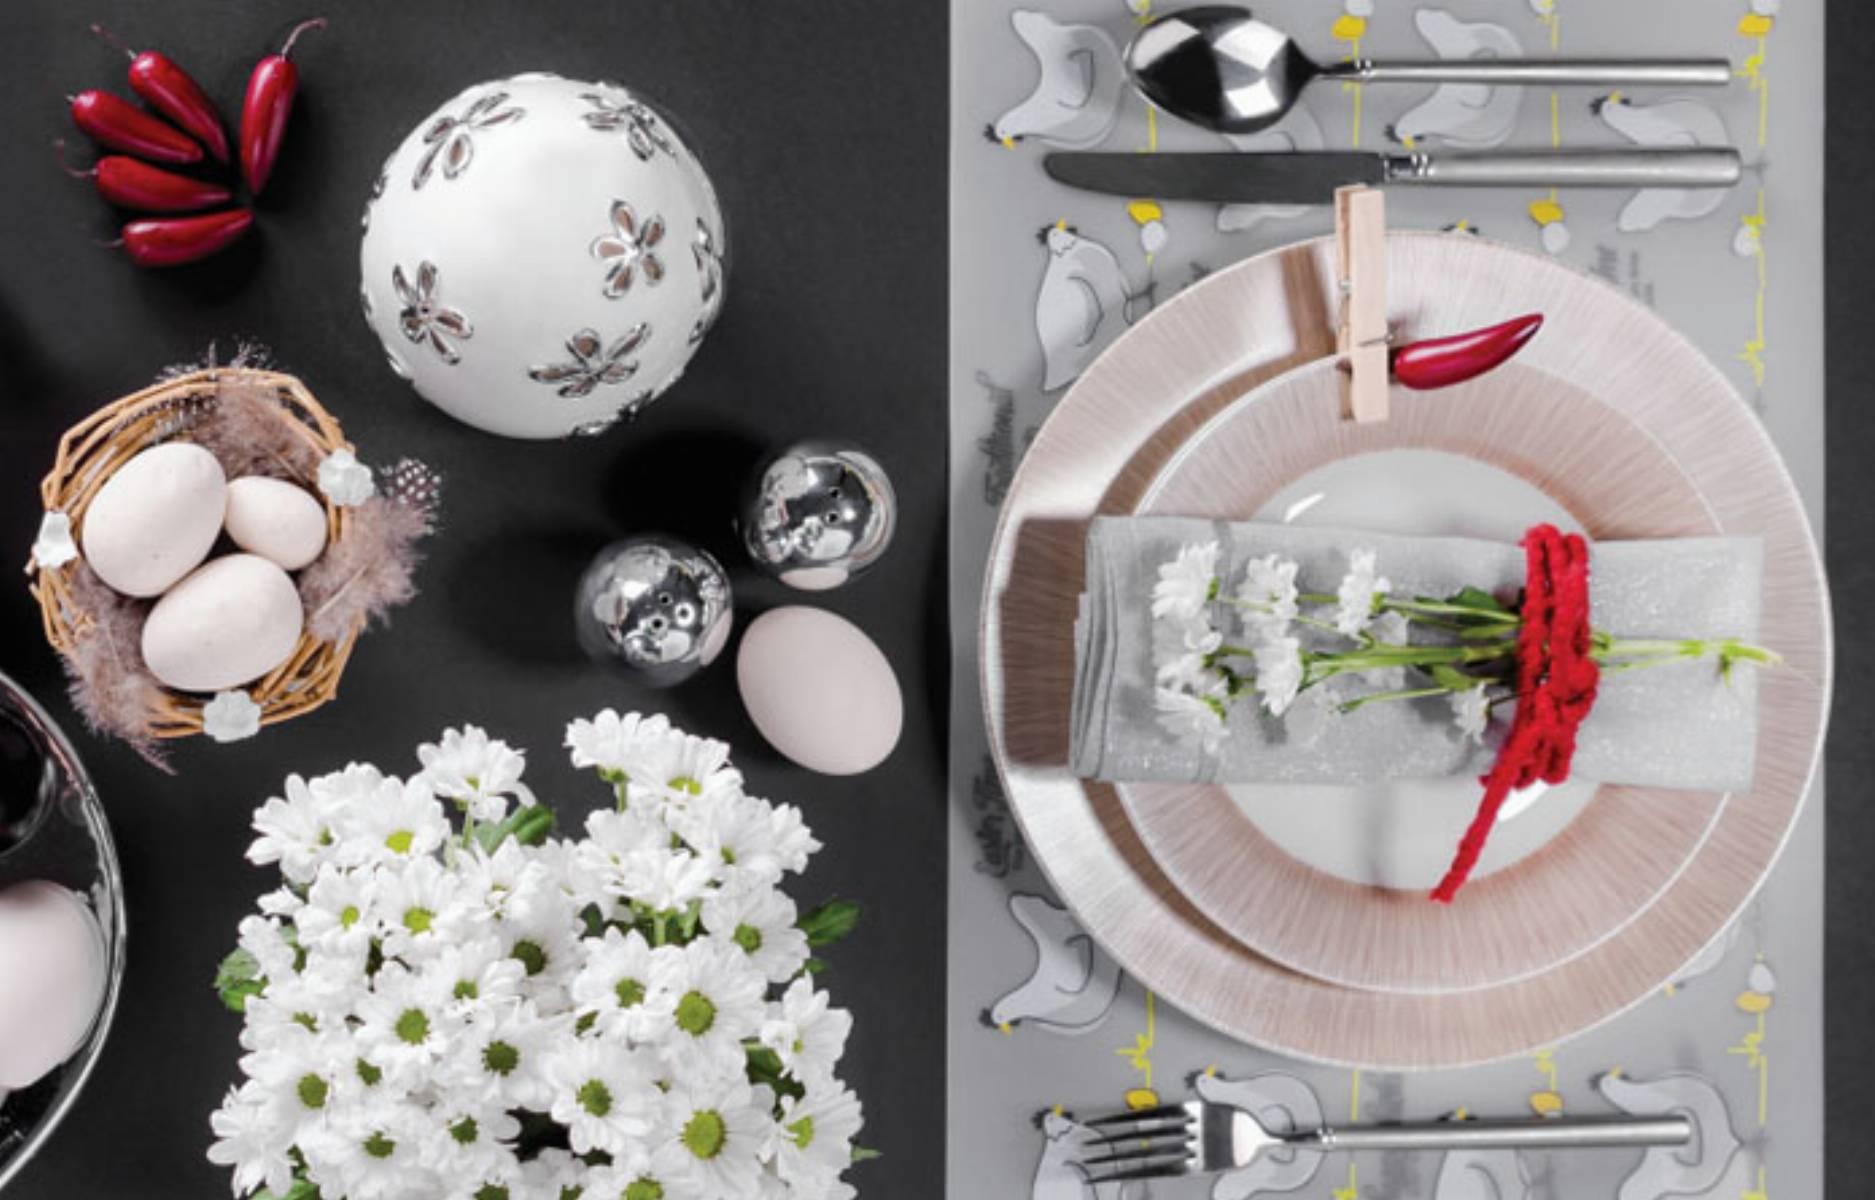 Kolekcja Silver Easter Wielkanoc 2015 home&you